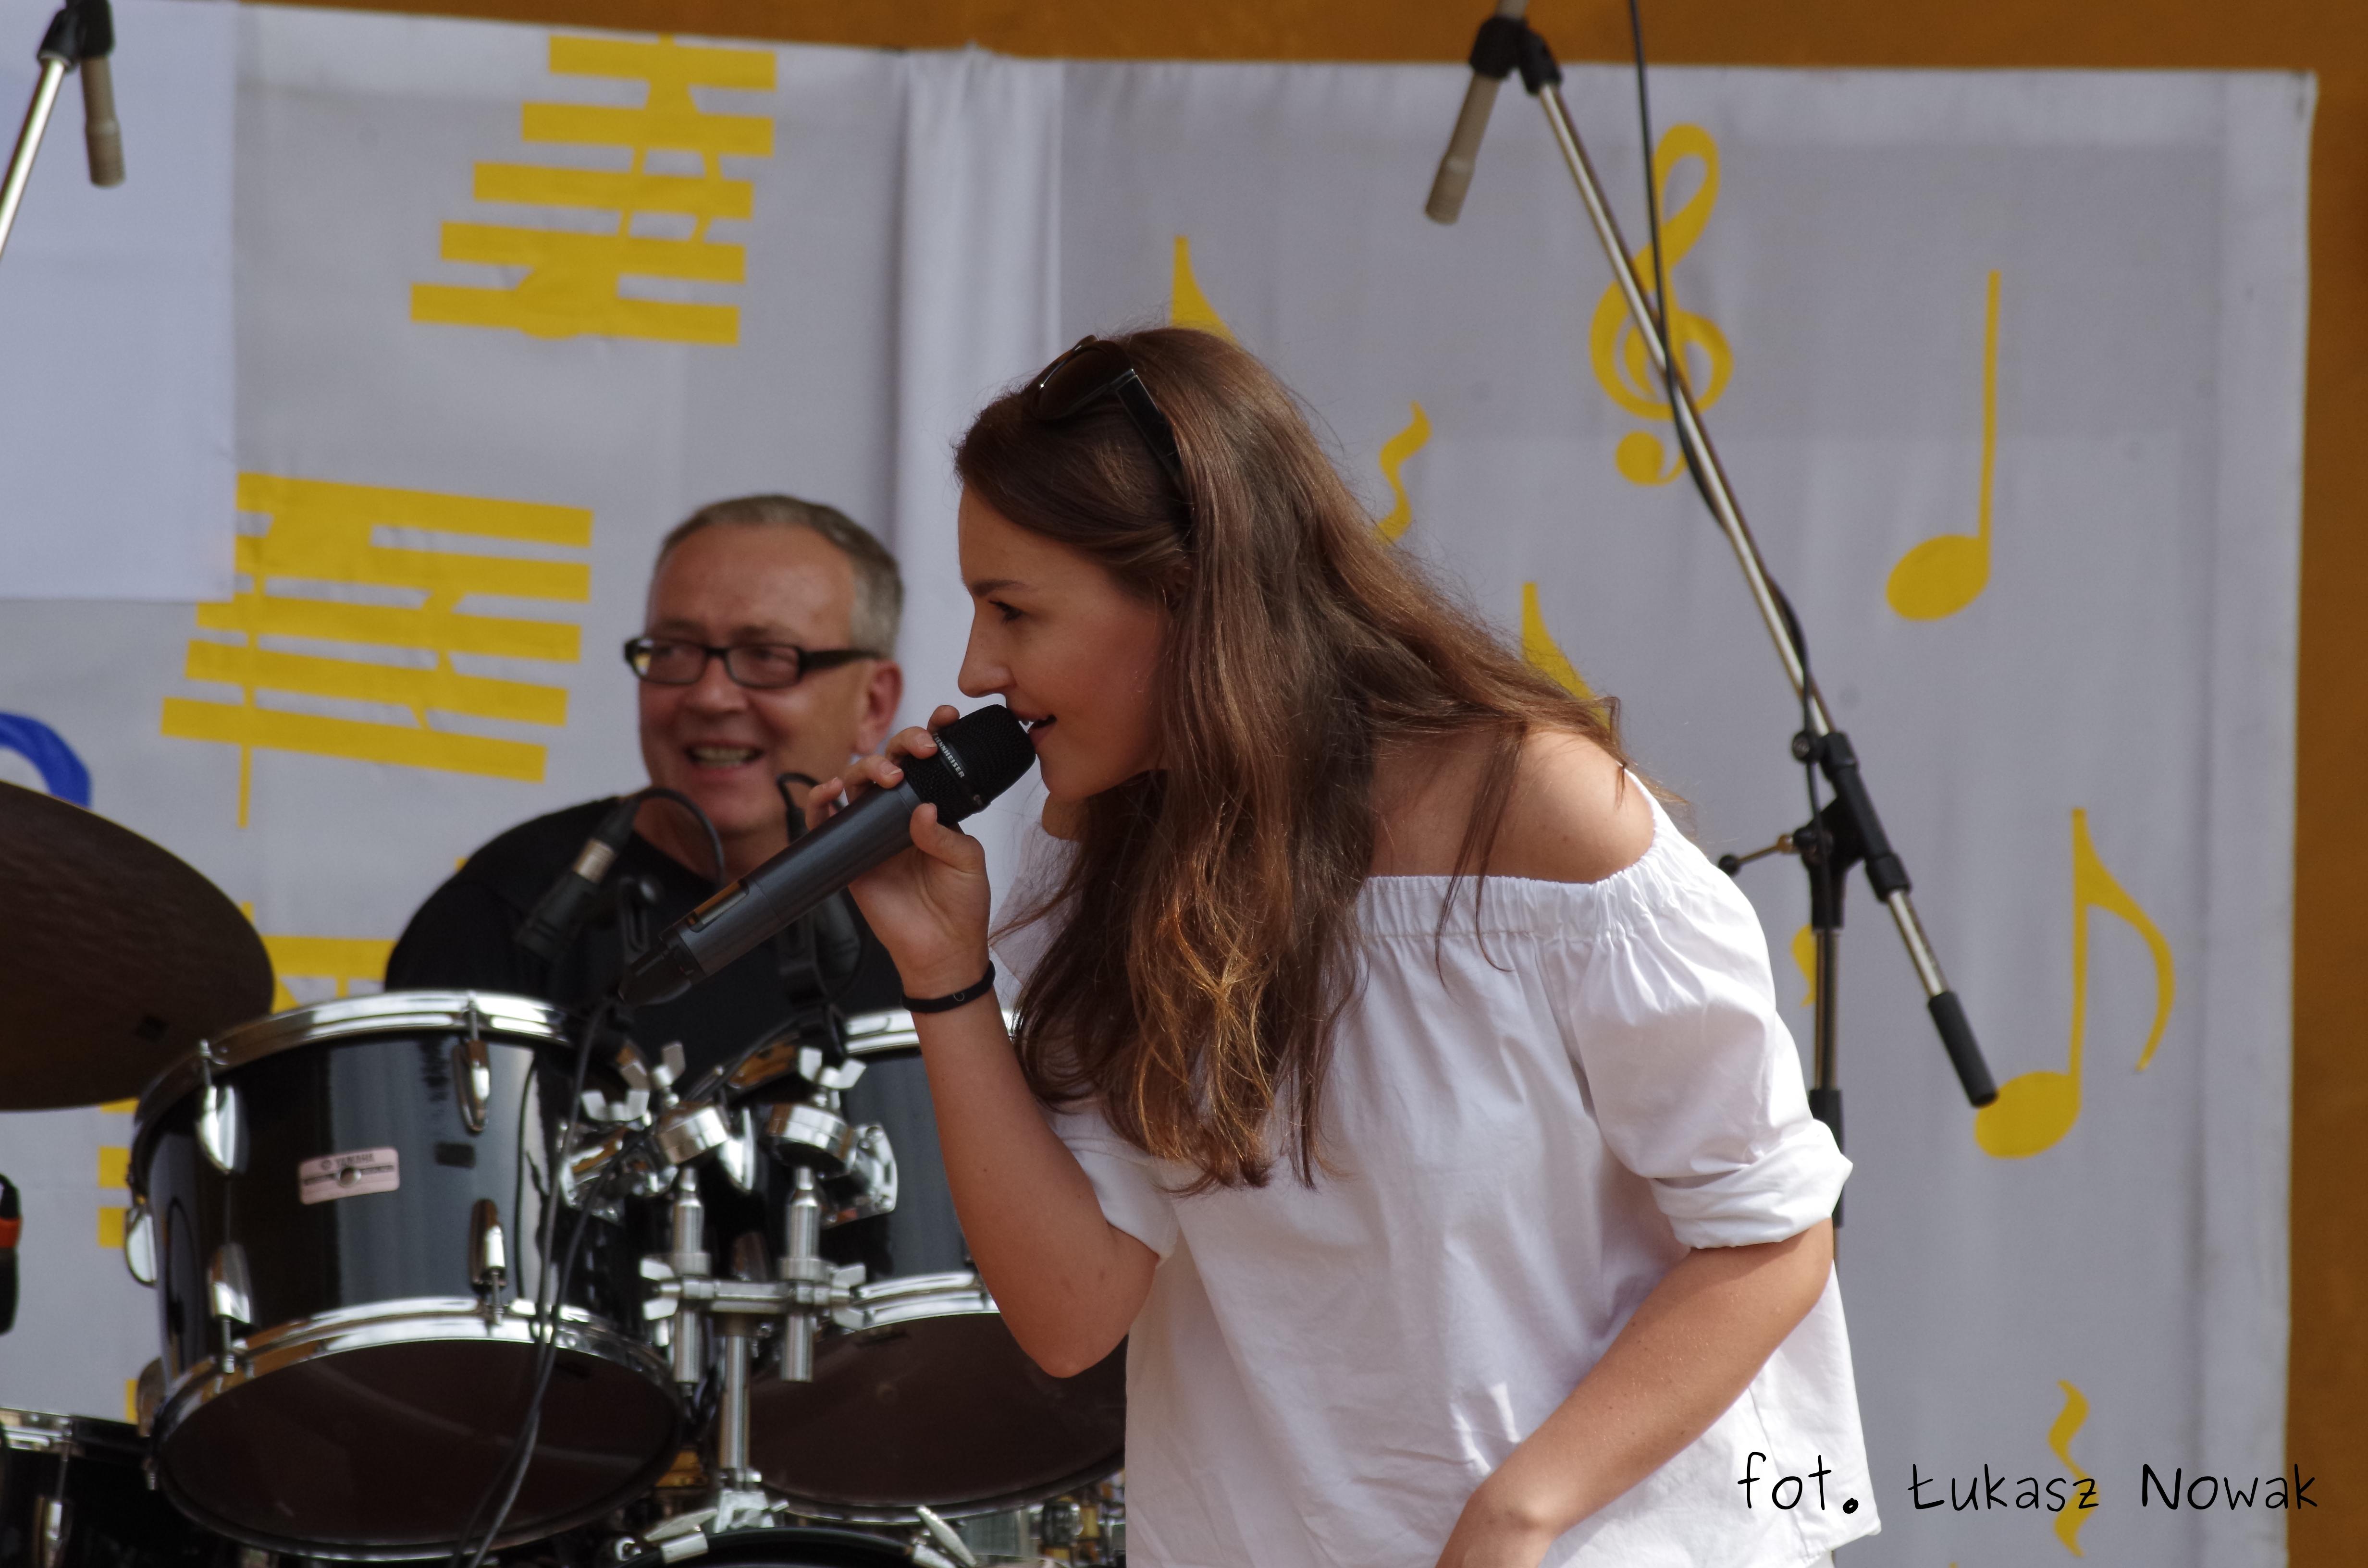 Turniej - Agata Żyła i Jacki Band Quartet (Knurów) (33)